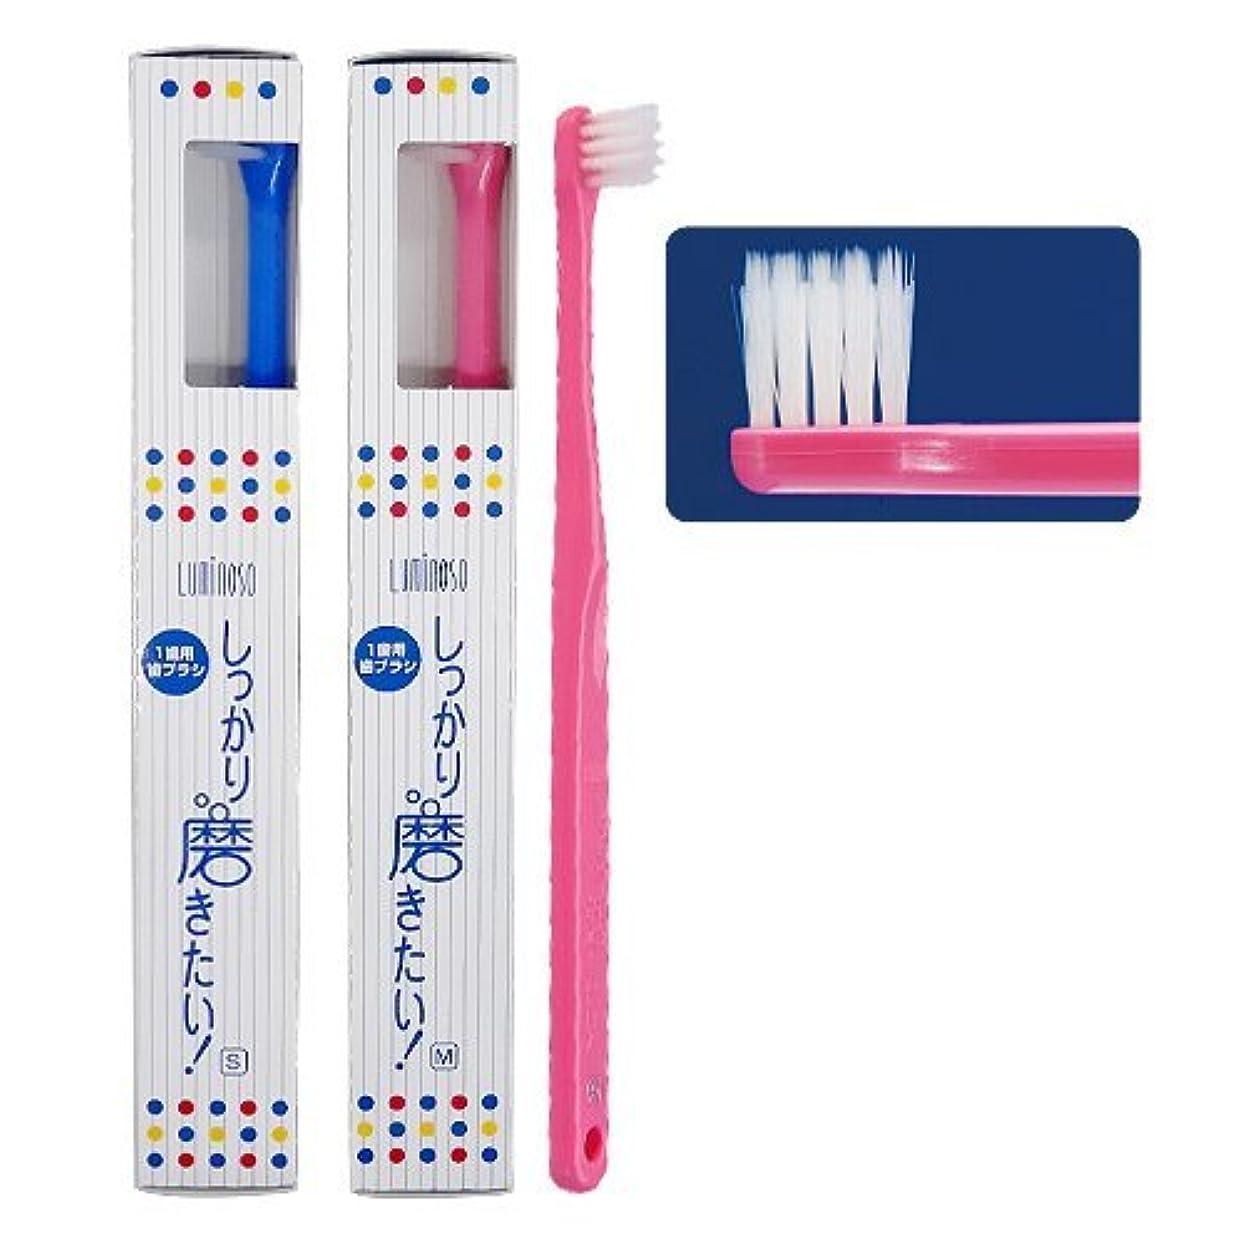 綺麗なキャンディー脊椎ルミノソ 1歯用歯ブラシ「しっかり磨きたい!」スタンダード ミディアム (カラー指定不可) 10本